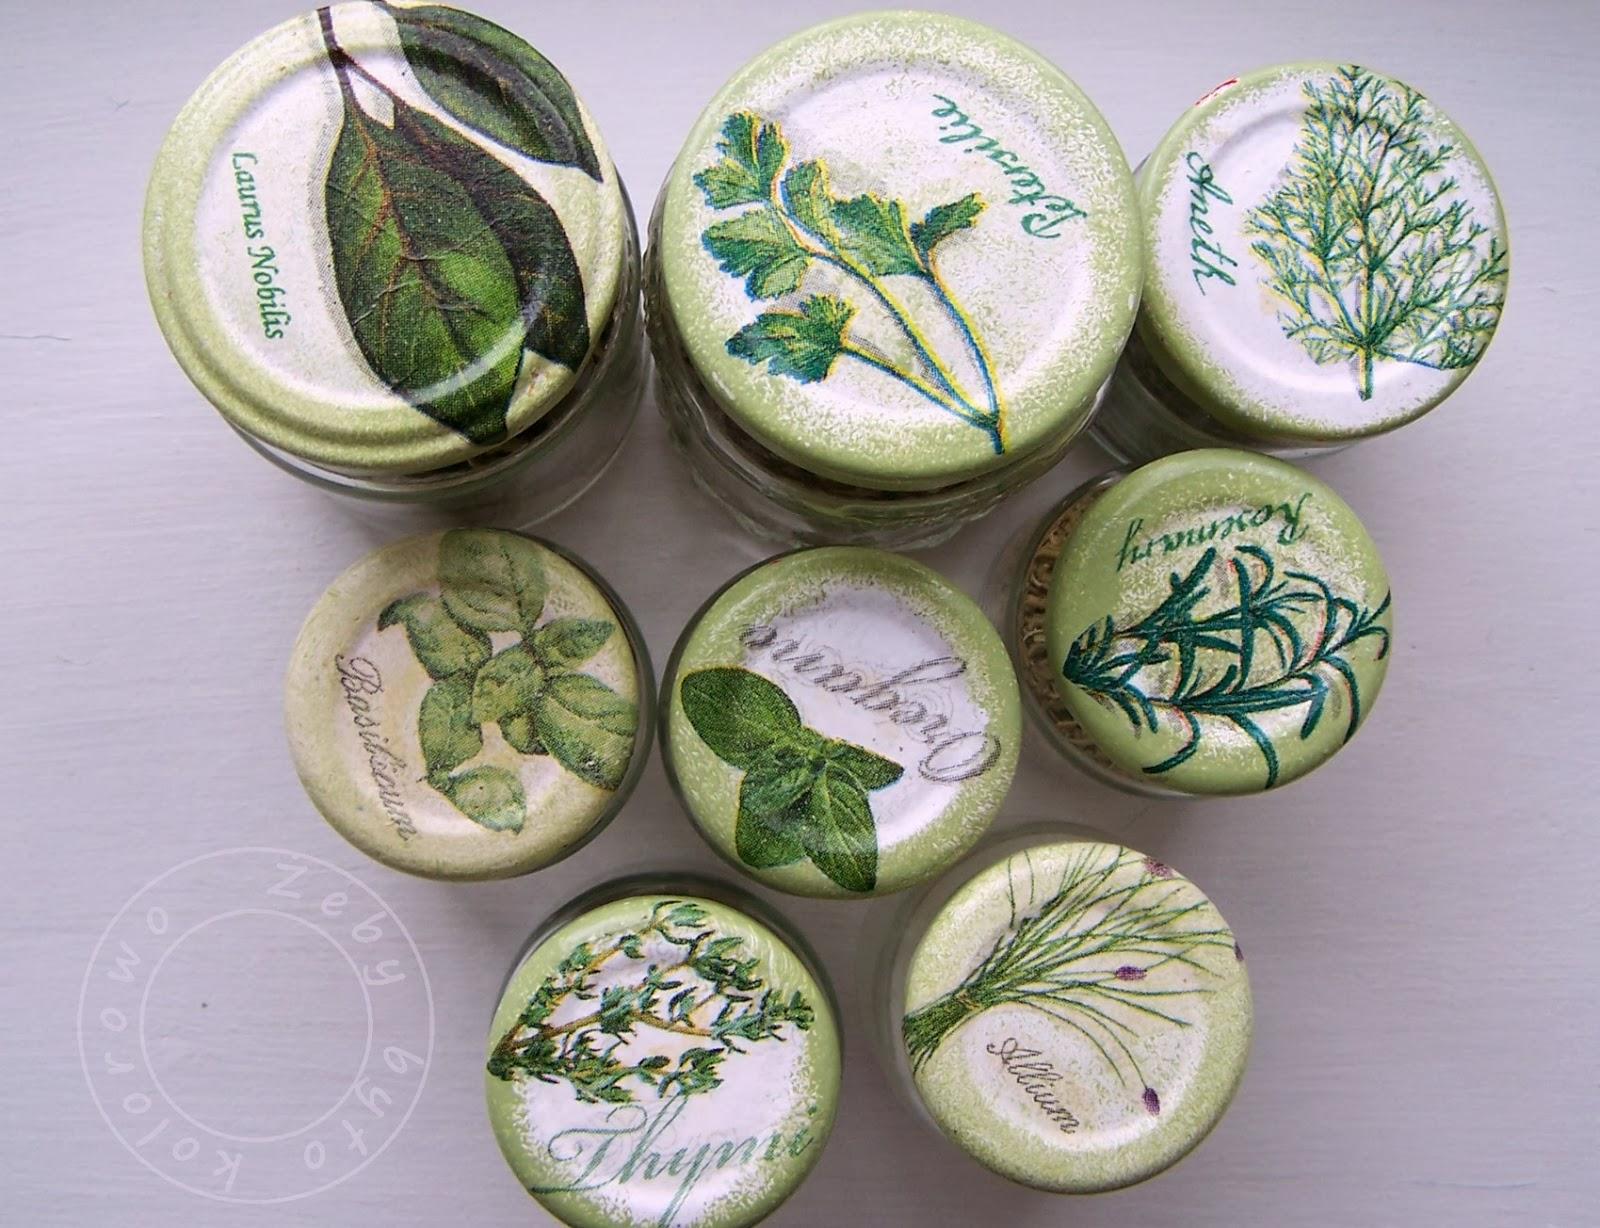 pojemniki na przyprawy w zioła